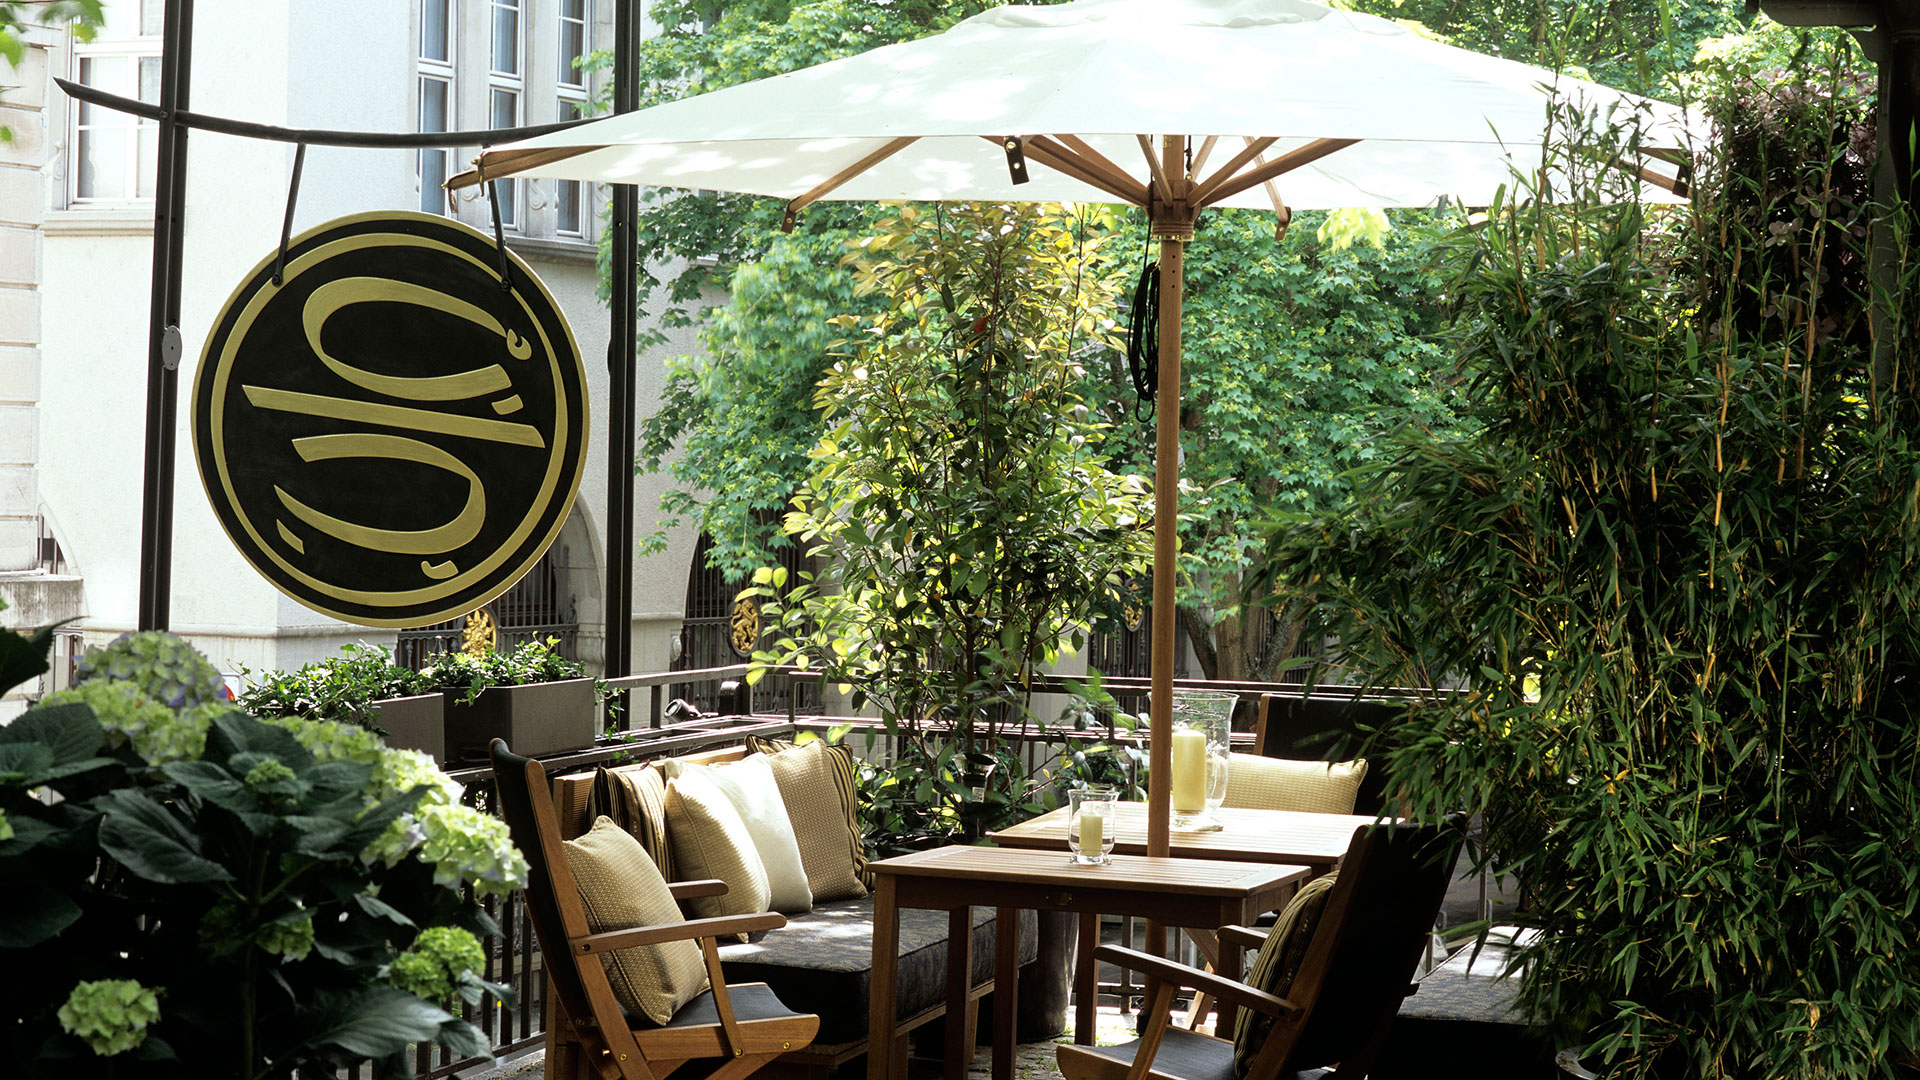 terrasse garten taos restaurant bar zurich. Black Bedroom Furniture Sets. Home Design Ideas